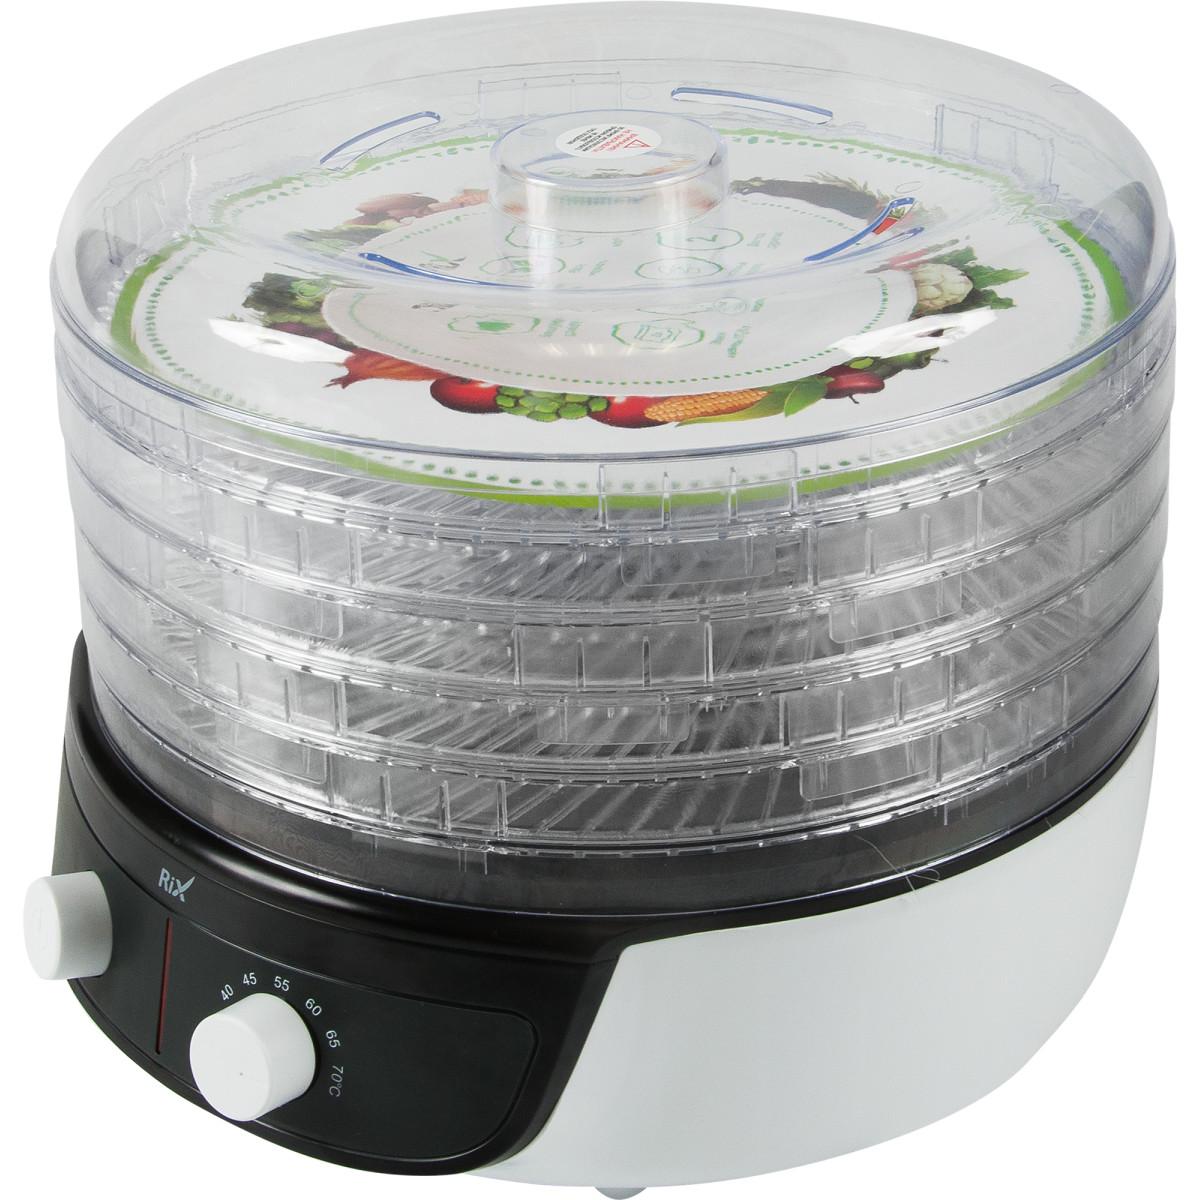 Электросушилка Для Овощей И Фруктов Rix Rxd-501 500 Вт 20 Л Регулировка Высоты И Температуры